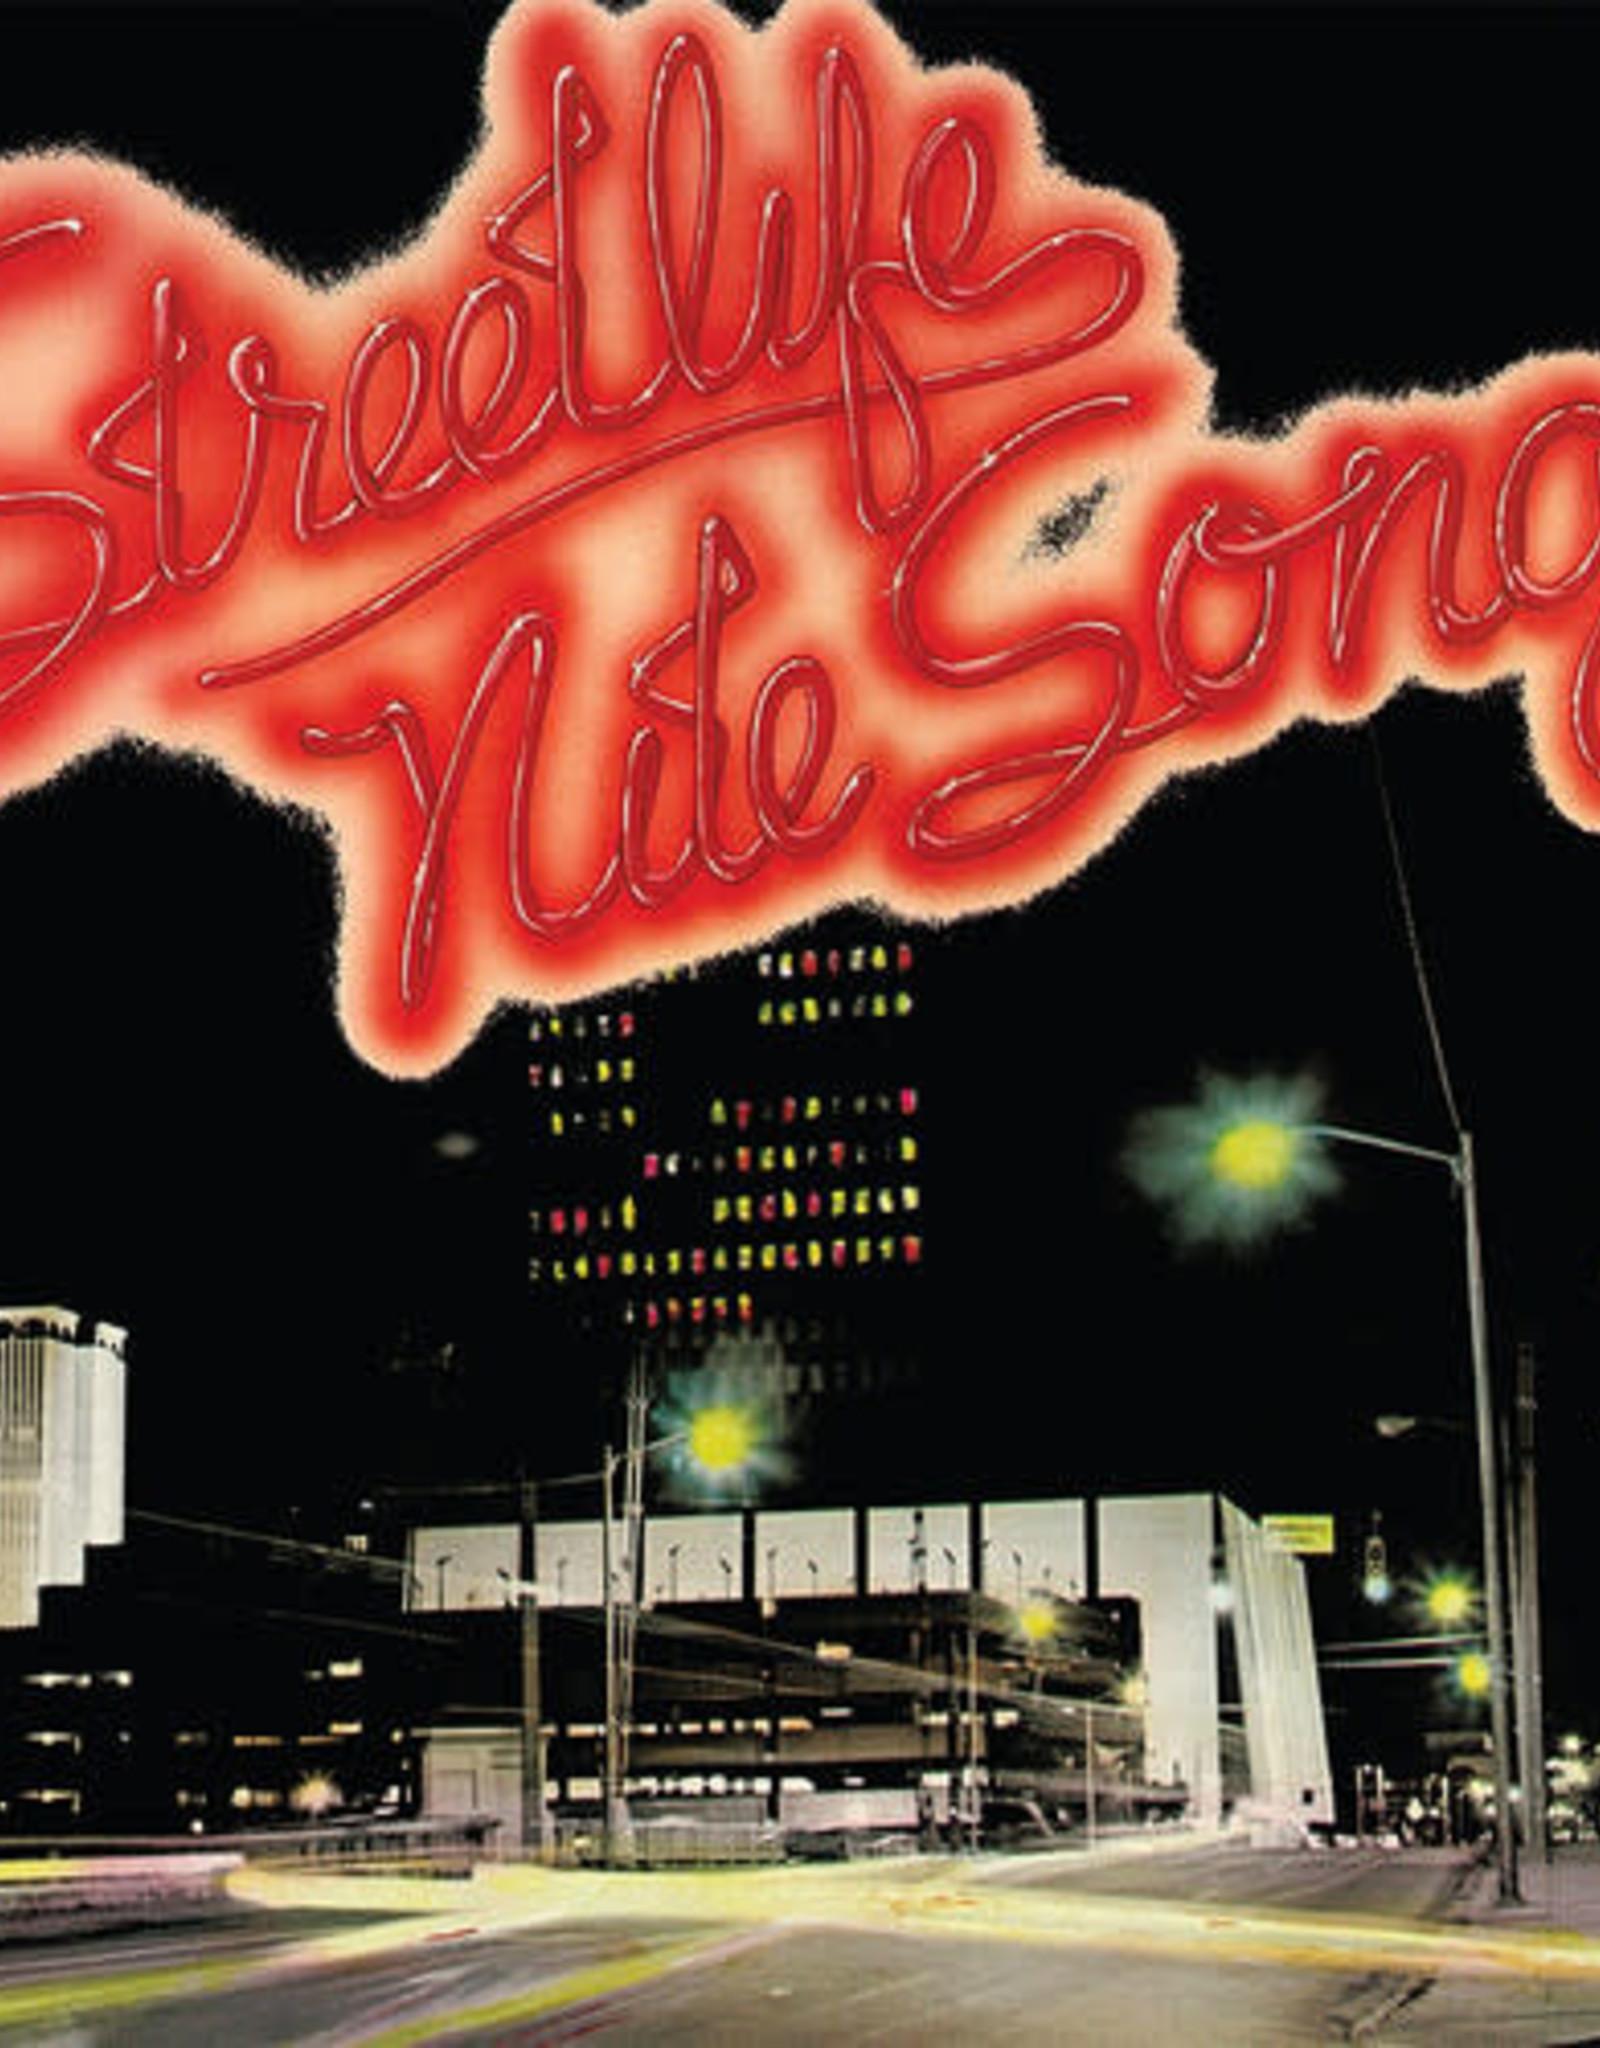 Streetlife - Nite Songs